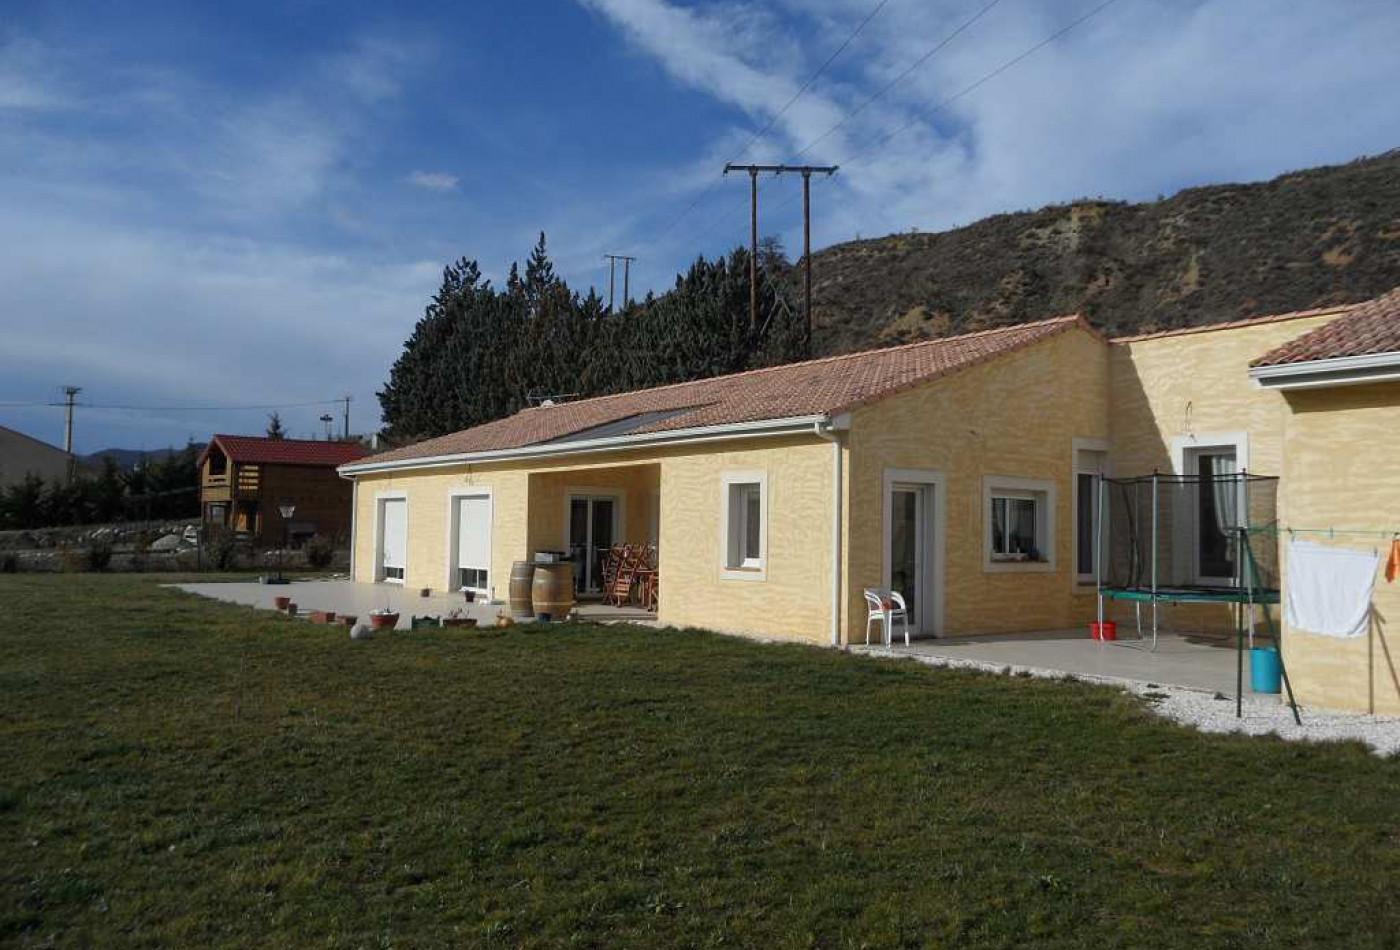 Maison en vente esperaza r f 11027135 m m immobilier for Vente bien immobilier atypique